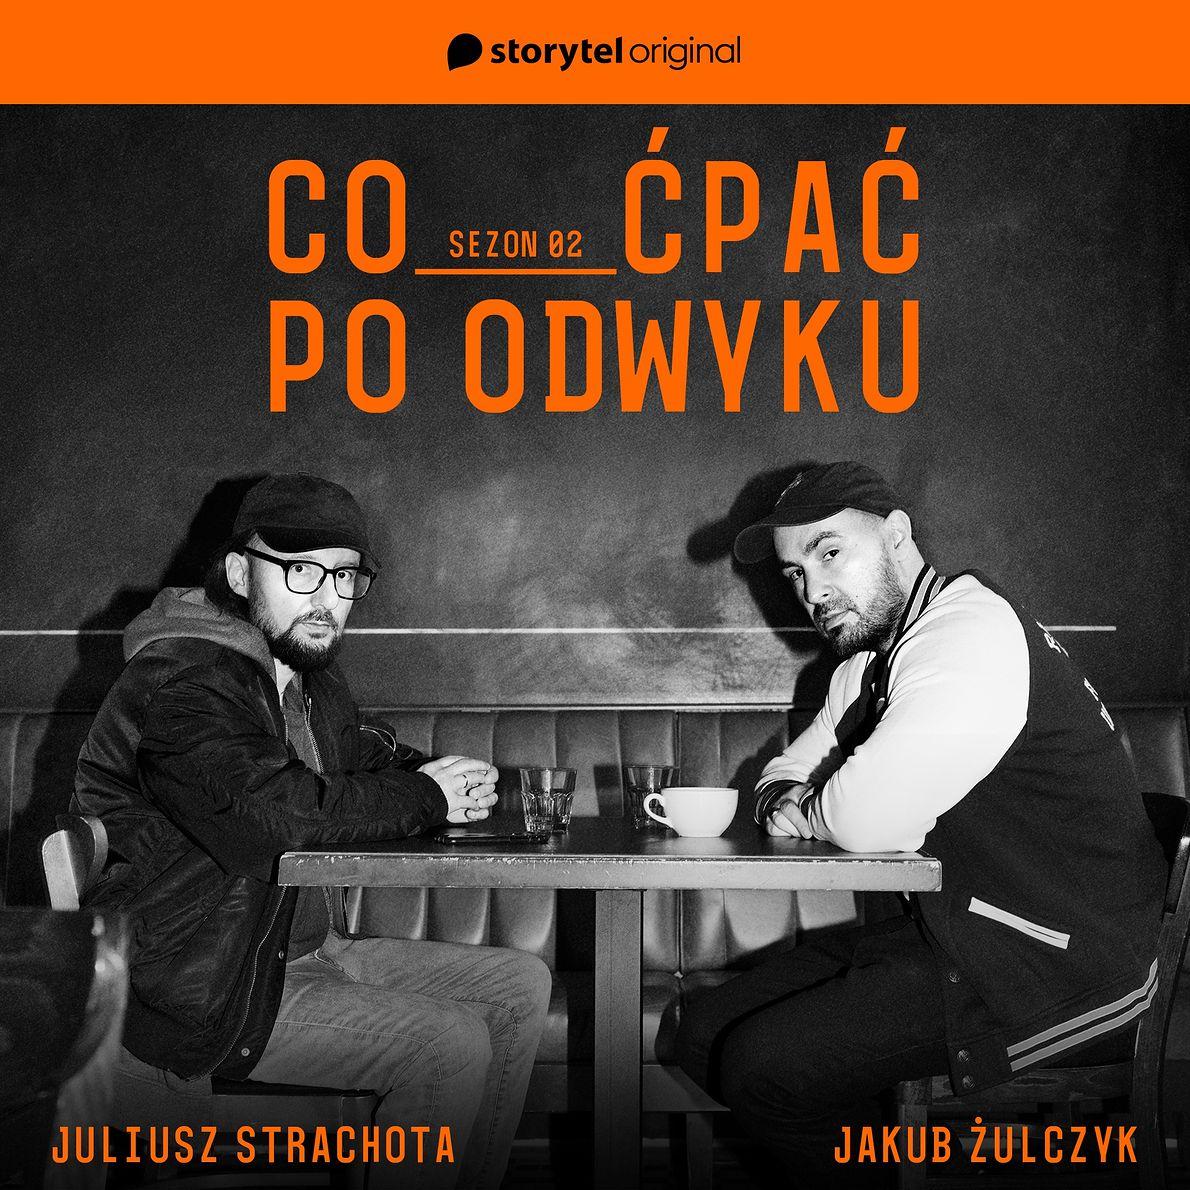 """Juliusz Strachota i Jakub Żulczyk, autorzy podcastu """"Co ćpać po odwyku""""# size=1920x1920#"""